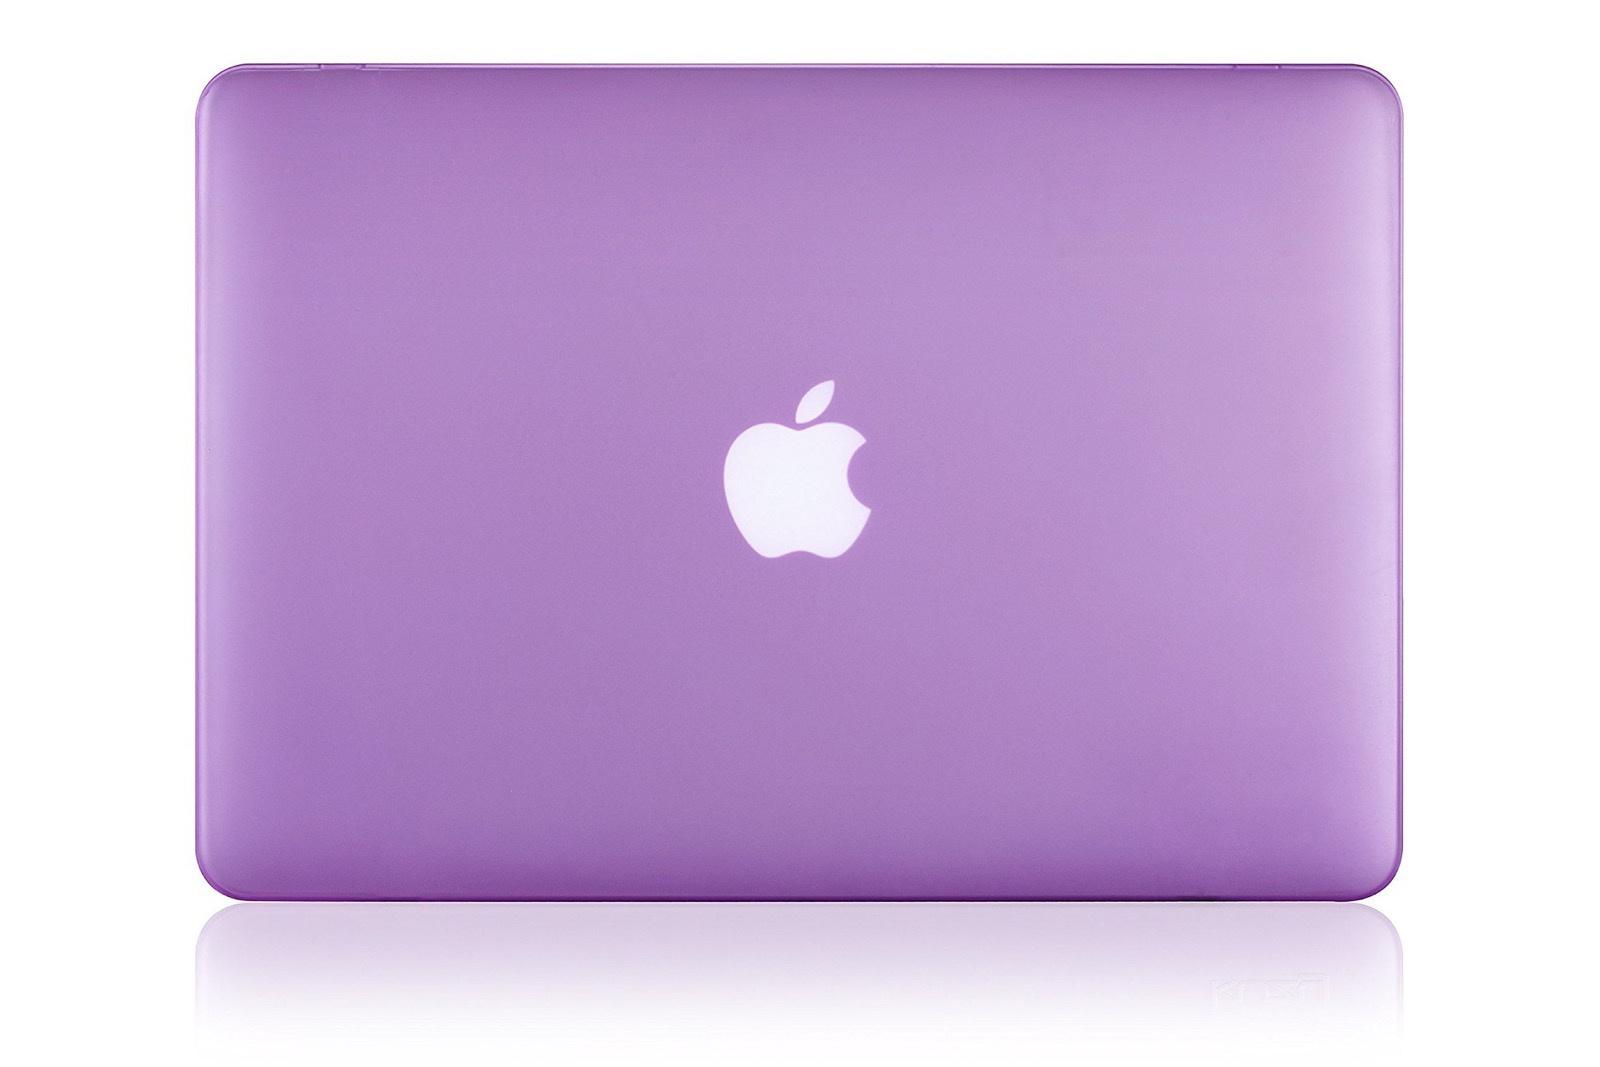 Чехол для ноутбука Gurdini накладка пластик матовый 900139 для Apple MacBook Retina 13